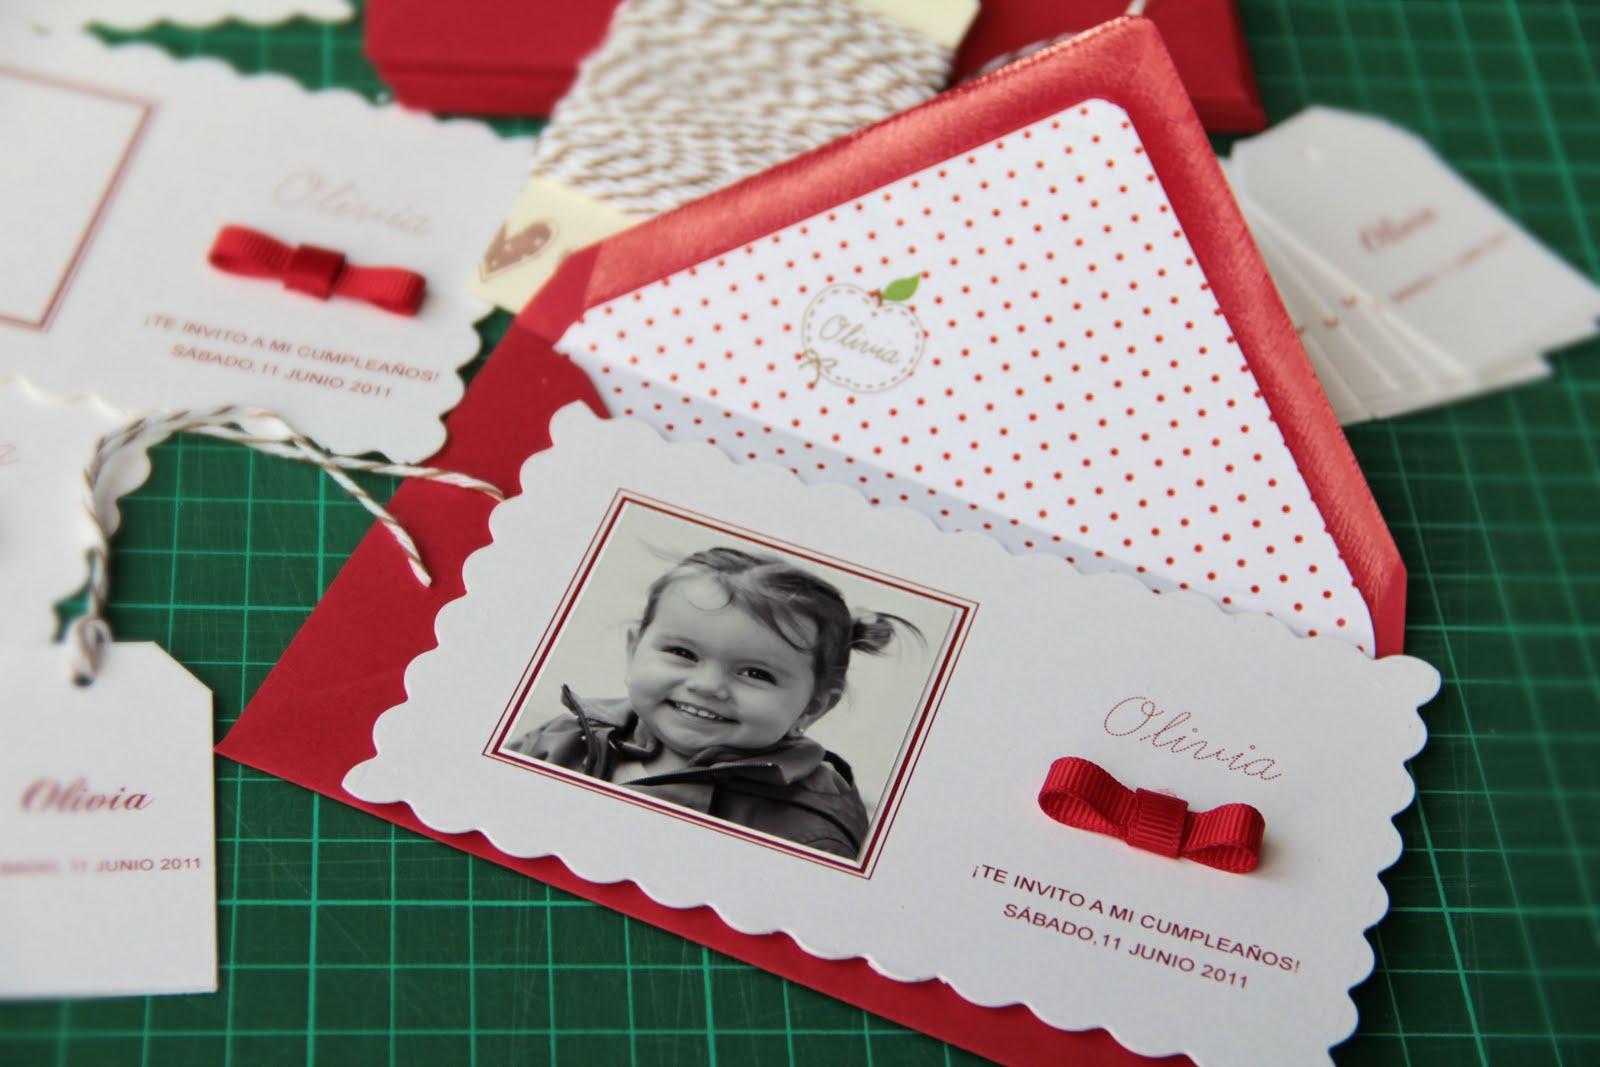 Details Invitaciones Ideas Para Cumpleanos Bautizos Y Comuniones - Ideas-para-tarjetas-de-cumpleaos